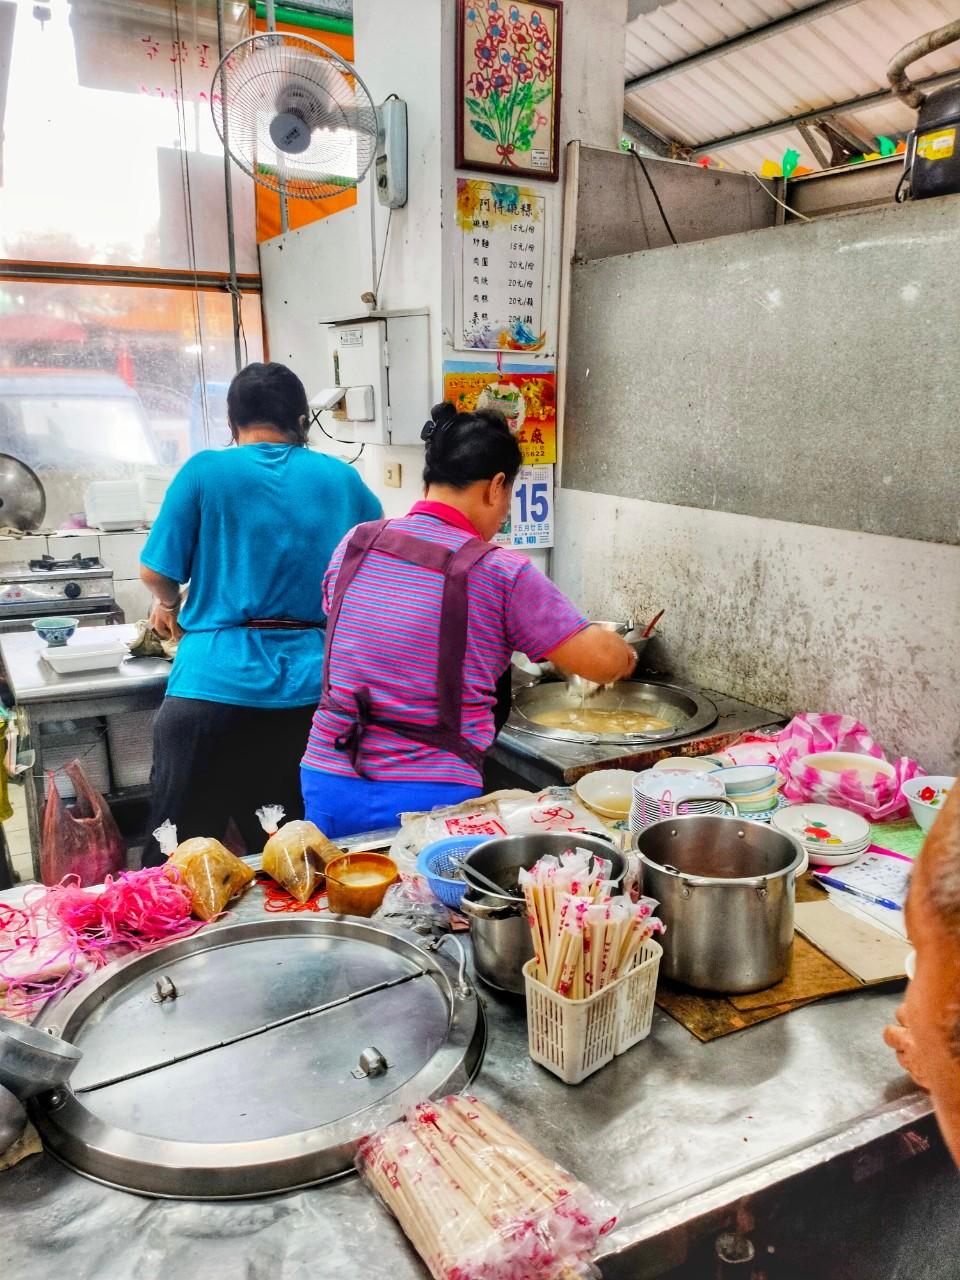 台南西港區美食-阿得肉圓-肉圓一顆只要5元,肉焿湯15元,傳統早市的經濟奇蹟 @民宿女王芽月-美食.旅遊.全台趴趴走